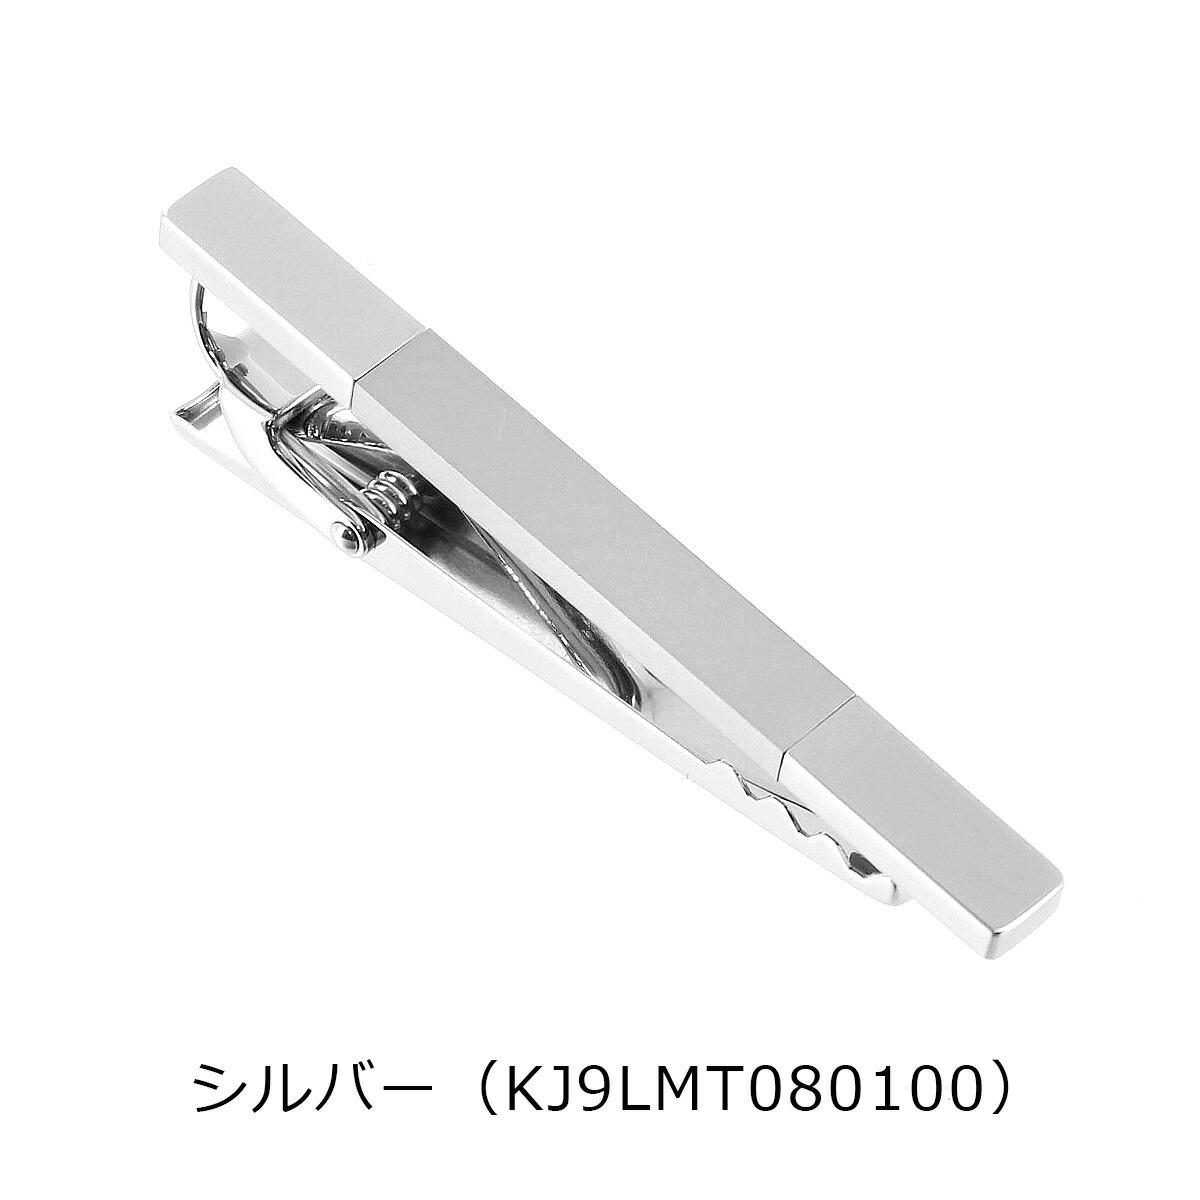 シルバー(KJ9LMT080100)